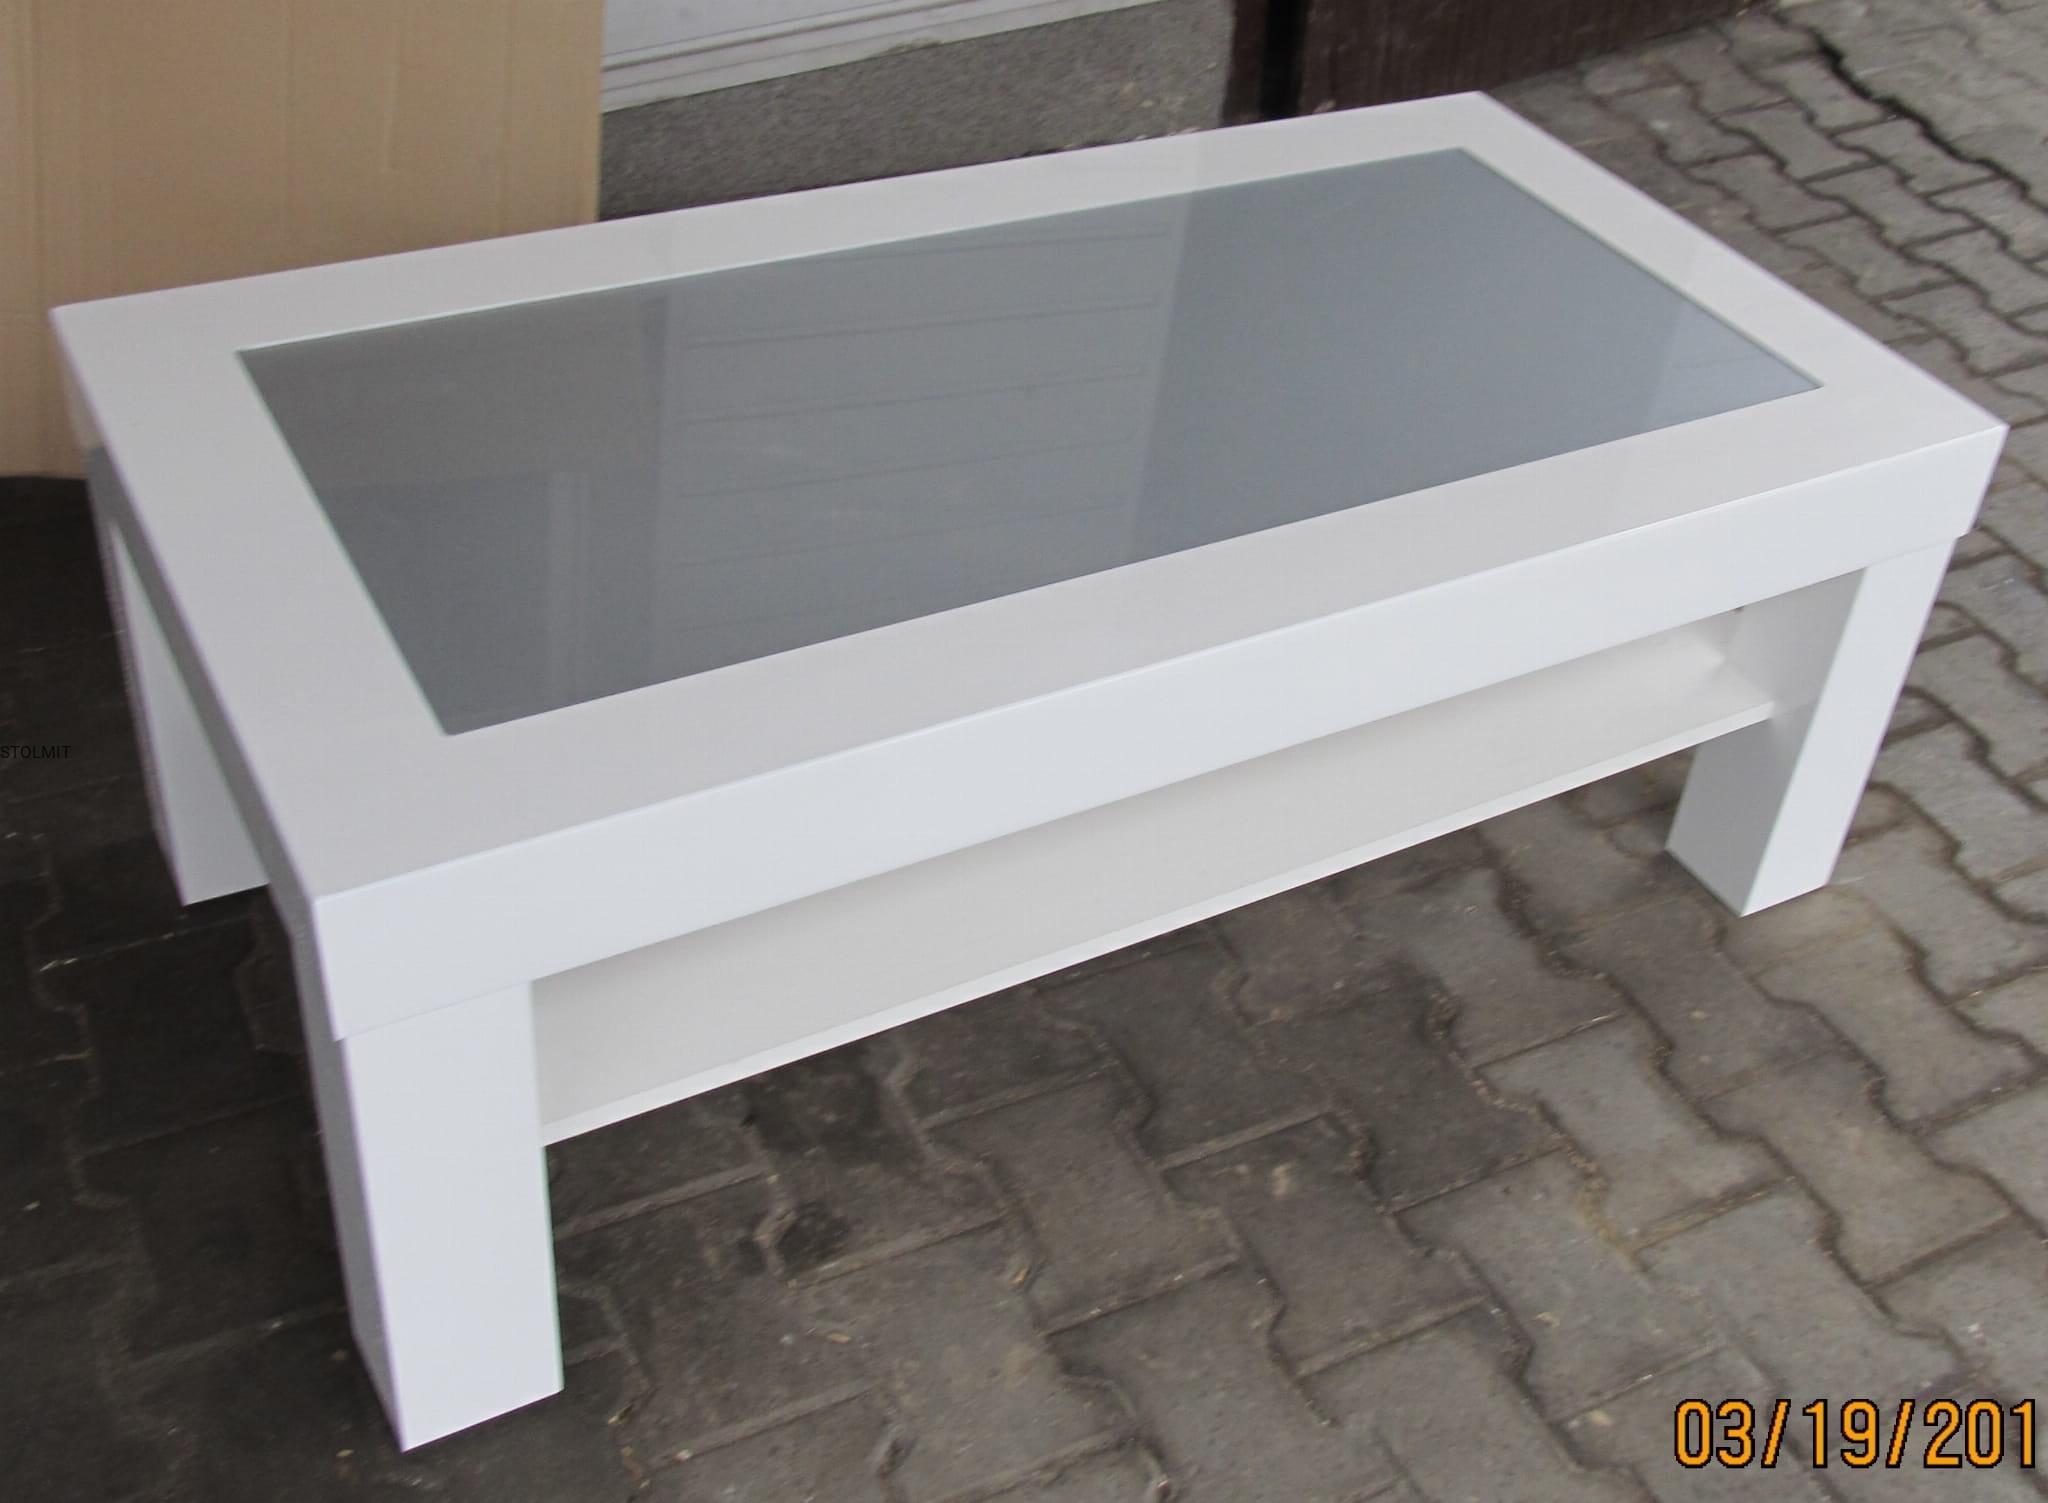 Inteligentny Ława stolik biały połysk z półką i szkłem - wymiary stolmit.meble EZ88